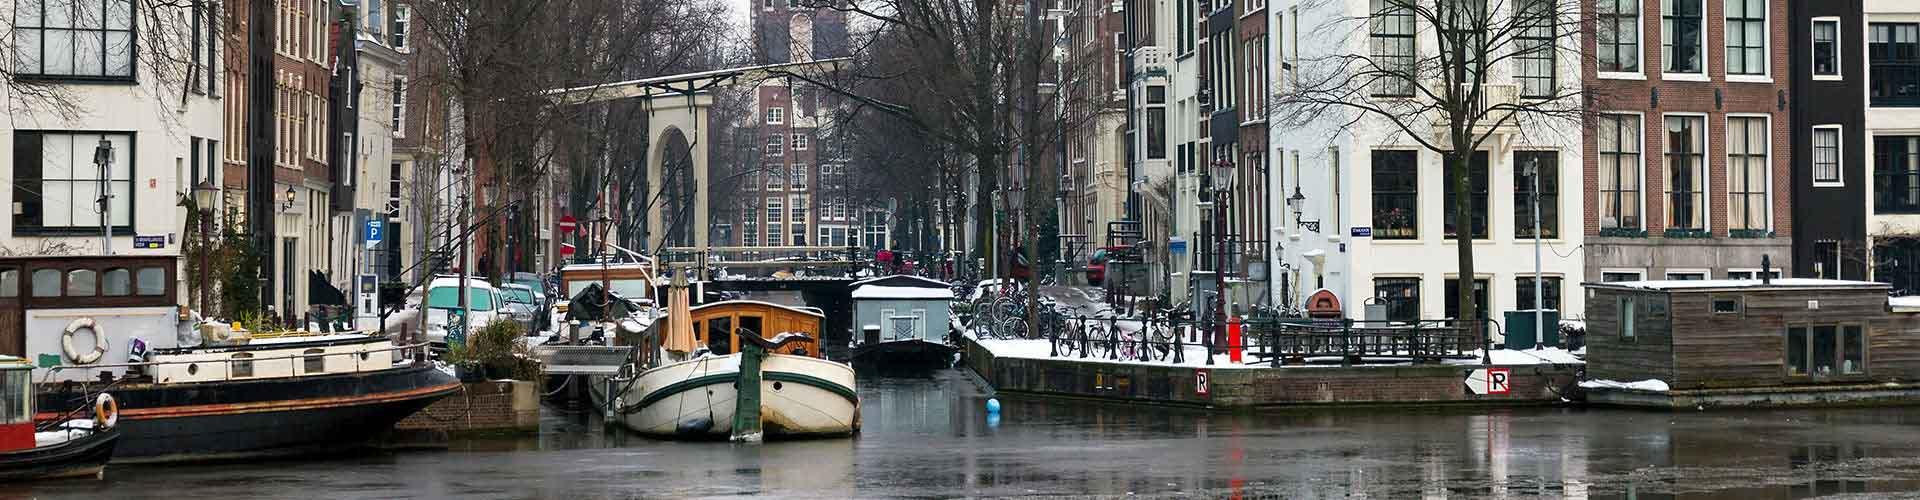 Amsterdam – Hostellit kaupungiosassa Amsterdam Oud Zuid. Amsterdam -karttoja, valokuvia ja arvosteluja kaikista Amsterdam -hostelleista.